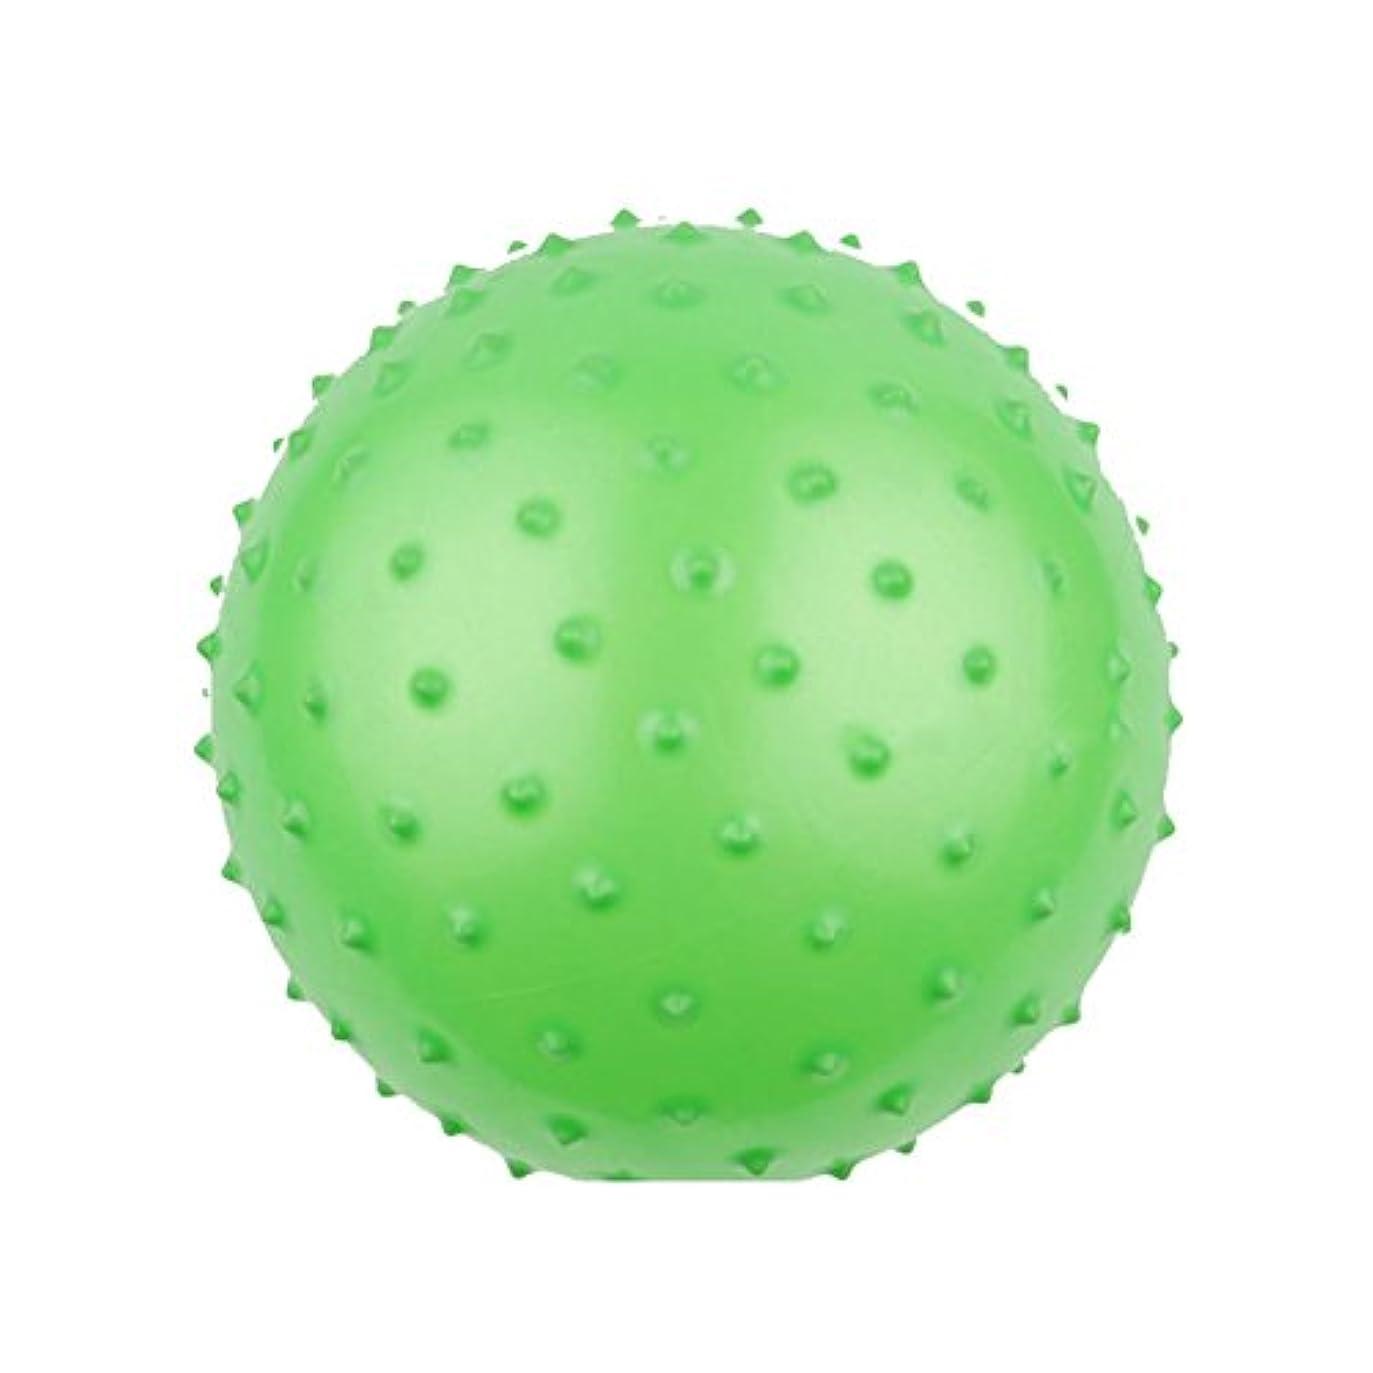 ガウン離婚フォーラムLiebeye 野球ボール 素敵な野球ボールマッサージボールキッズインフレータブルおもちゃのギフト装飾品(ランダムカラー) 28cmマッサージボール